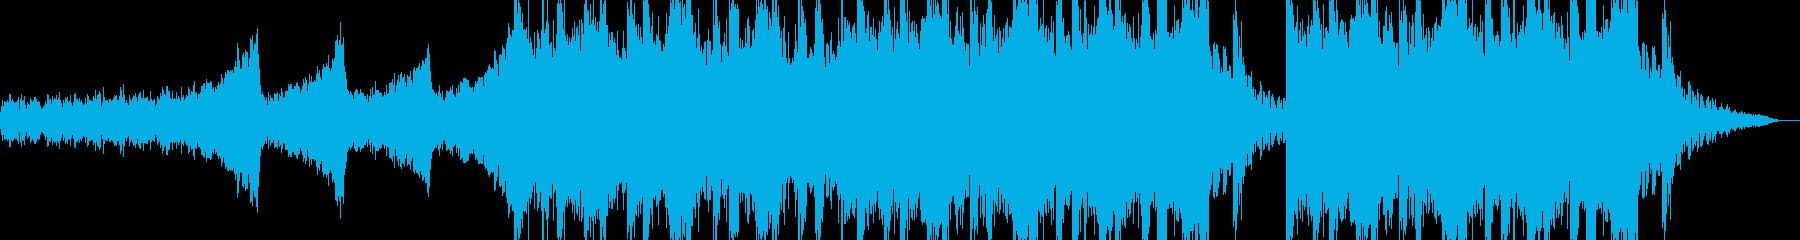 激しいアクション向けオーケストラの再生済みの波形